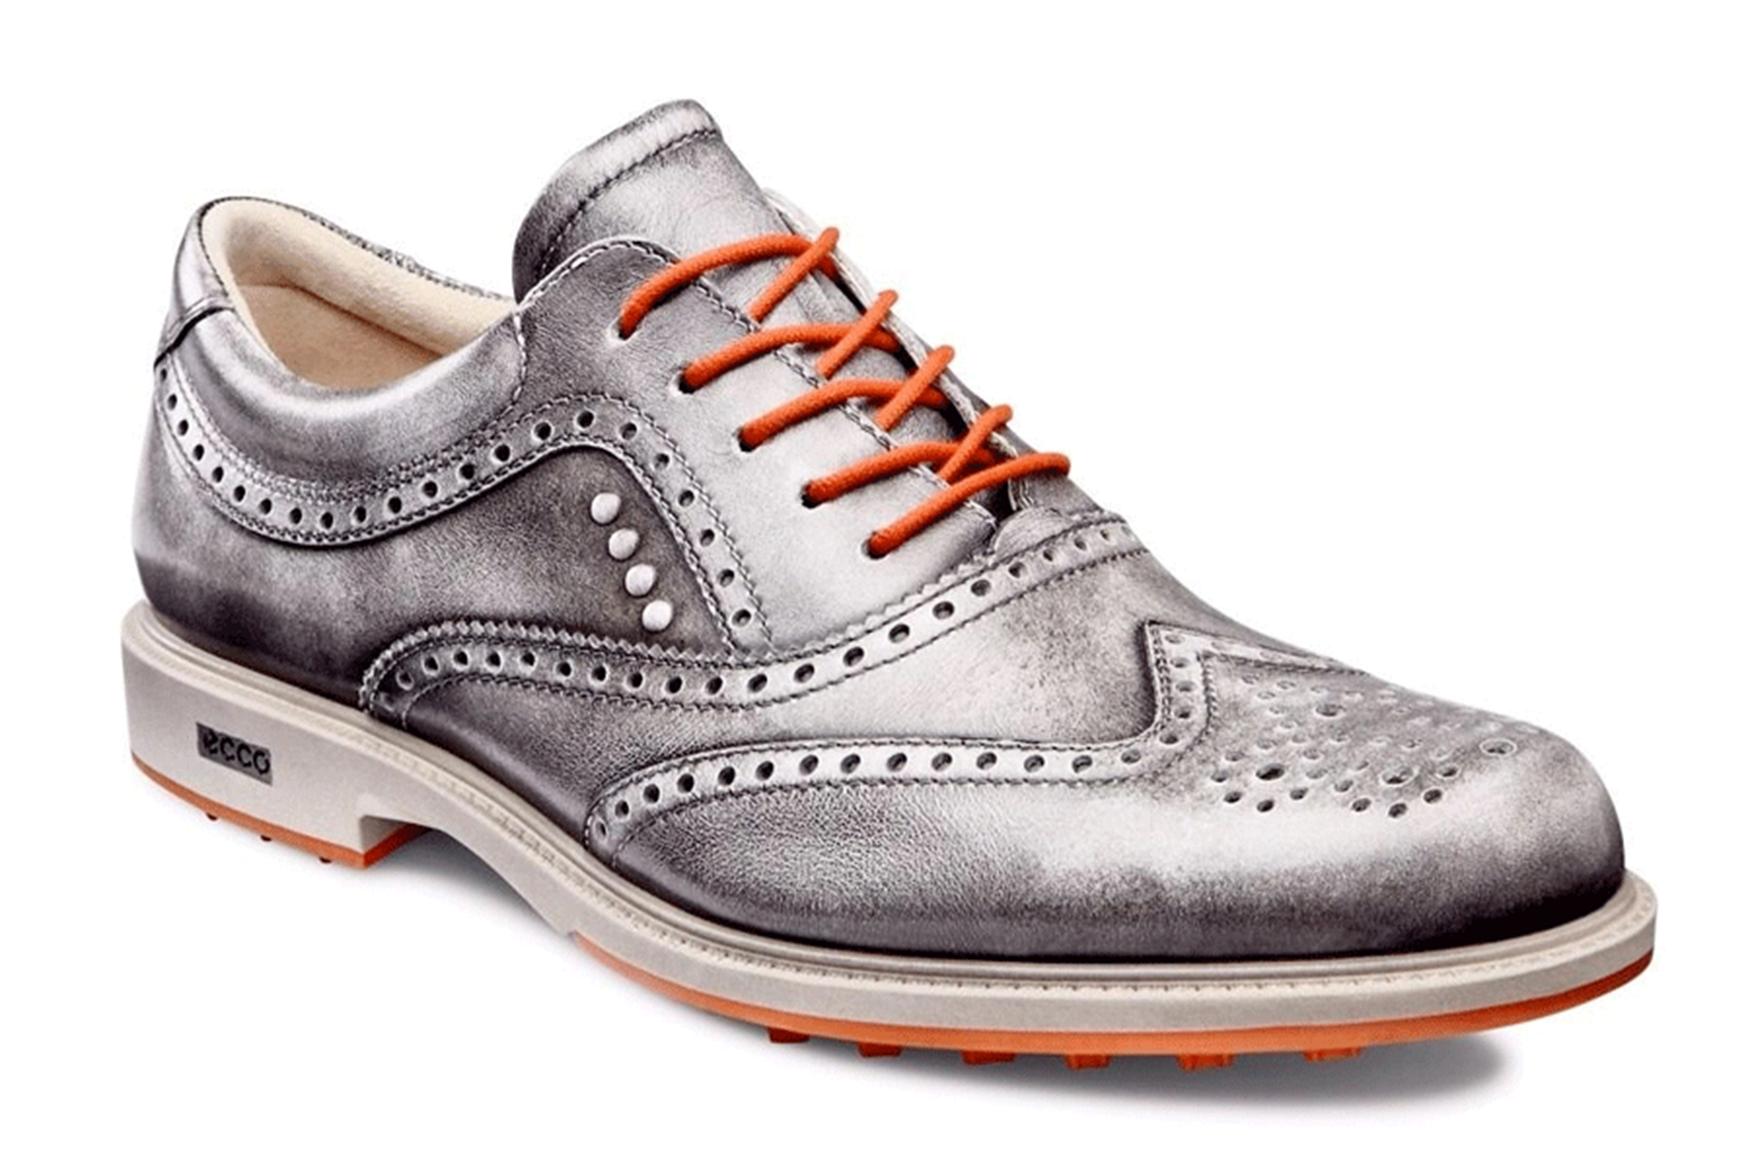 Ecco Shoes Complaints Uk